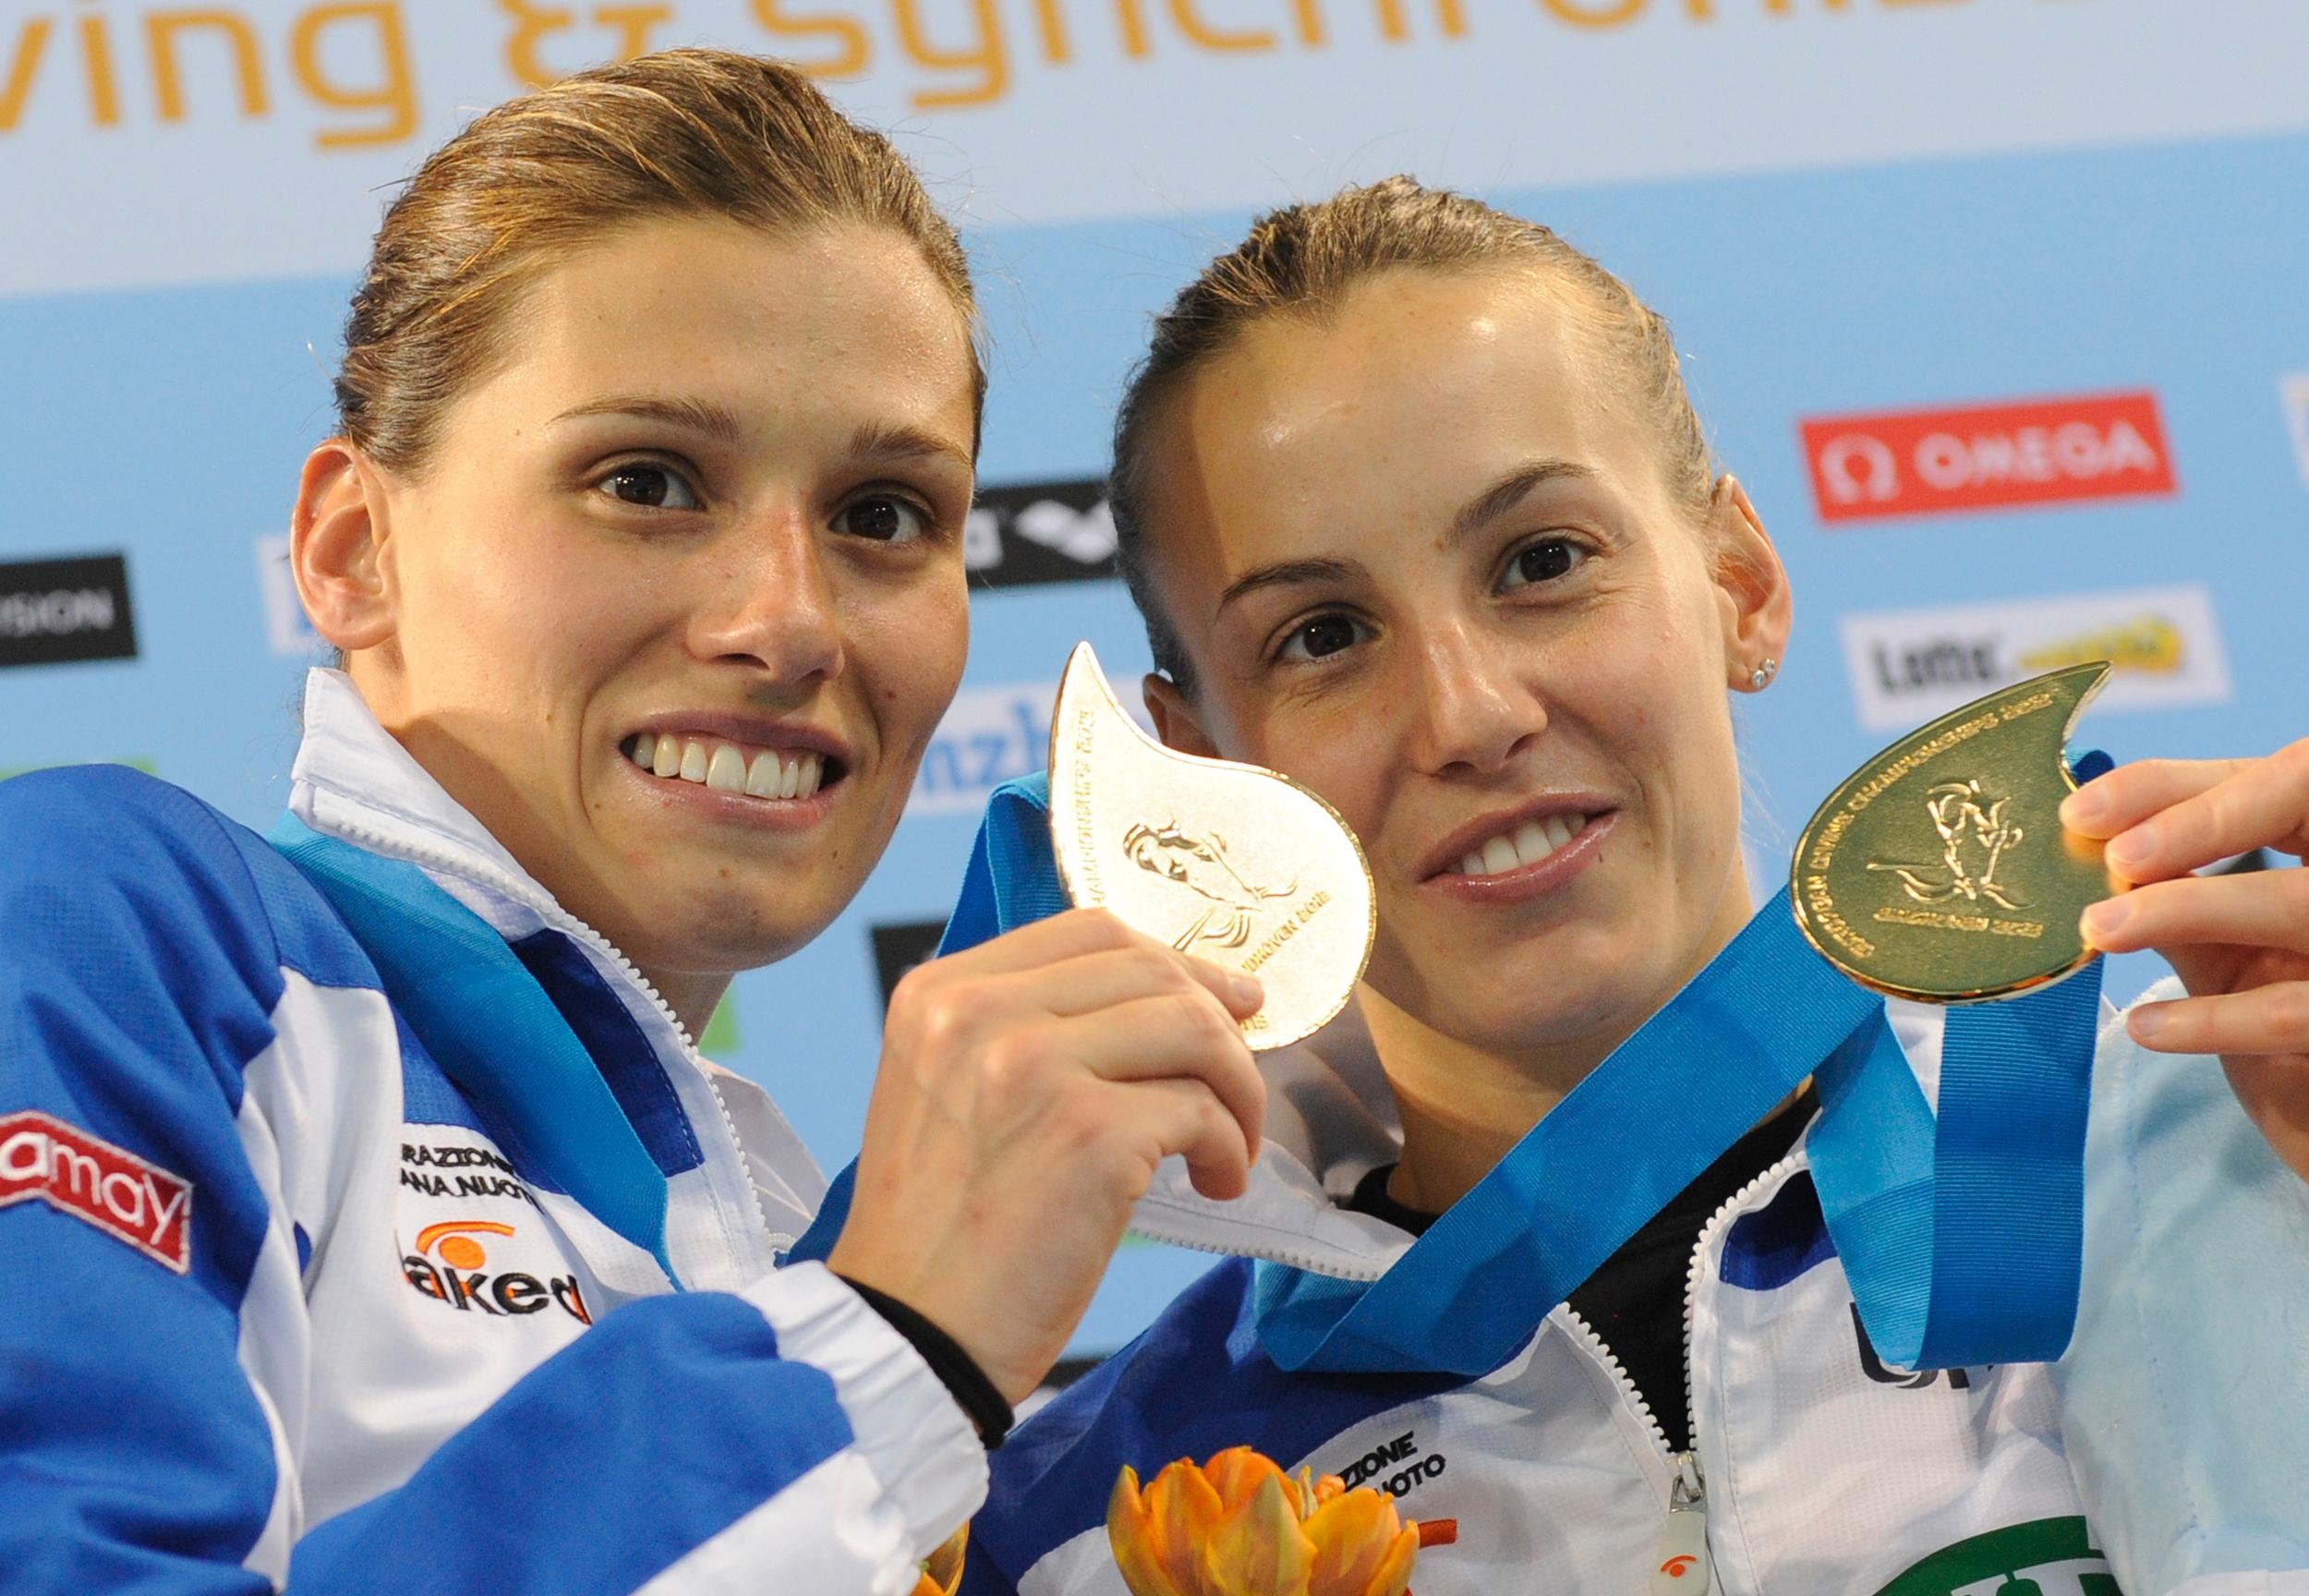 Europei di nuoto:Cagnotto Dallapè e Pellegrini regalano altre medaglie all'Italia